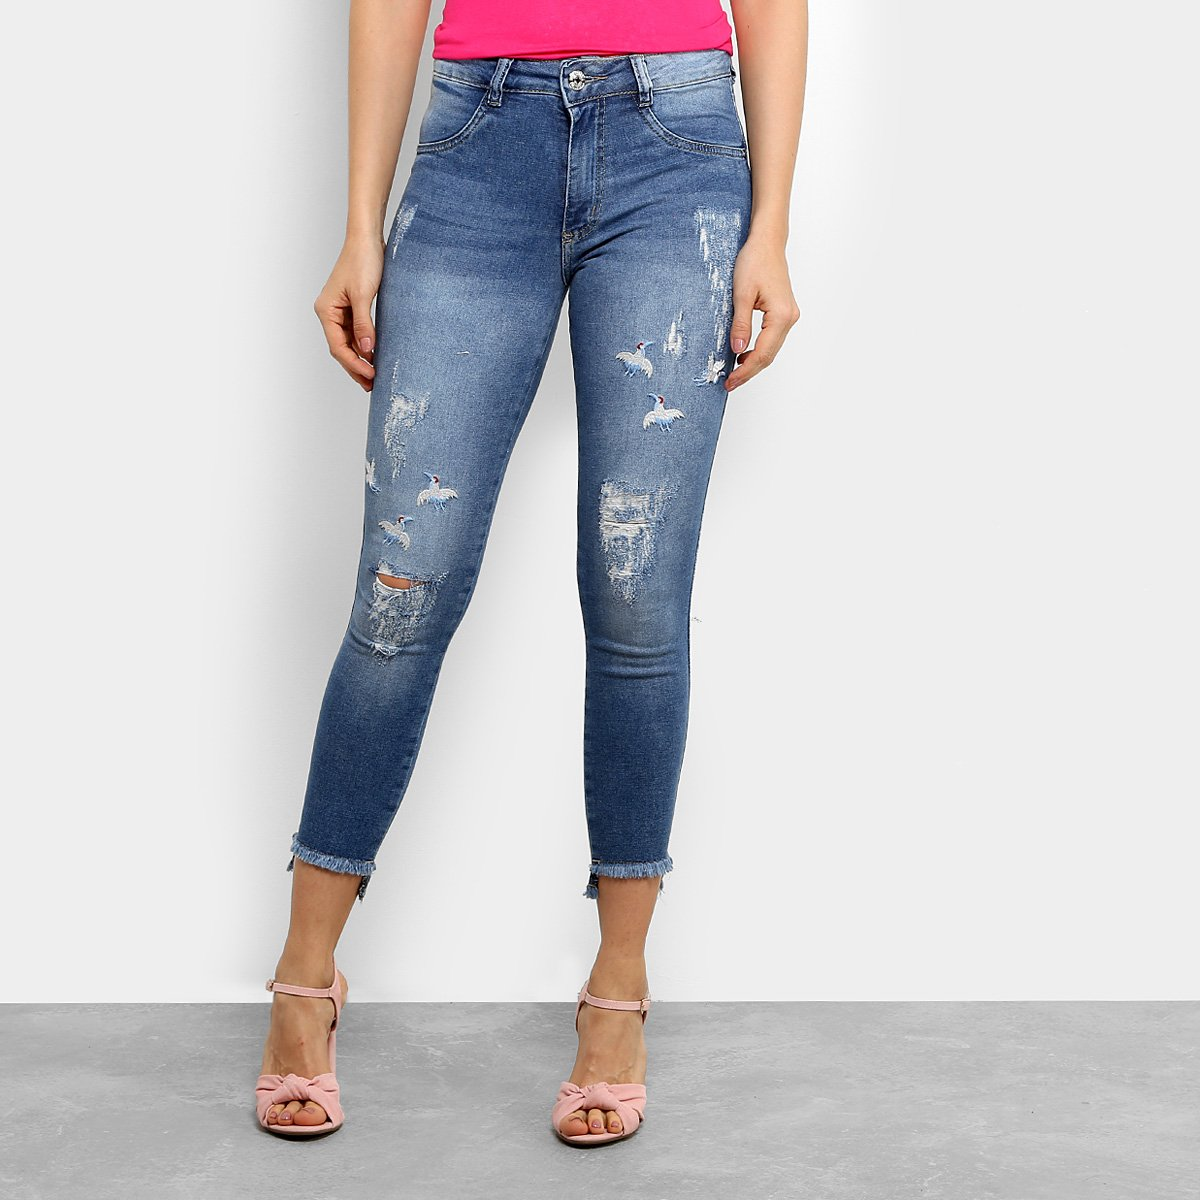 61bc70bec Calça Jeans Skinny Biotipo Cigarrete Bordado Cintura Média Feminina